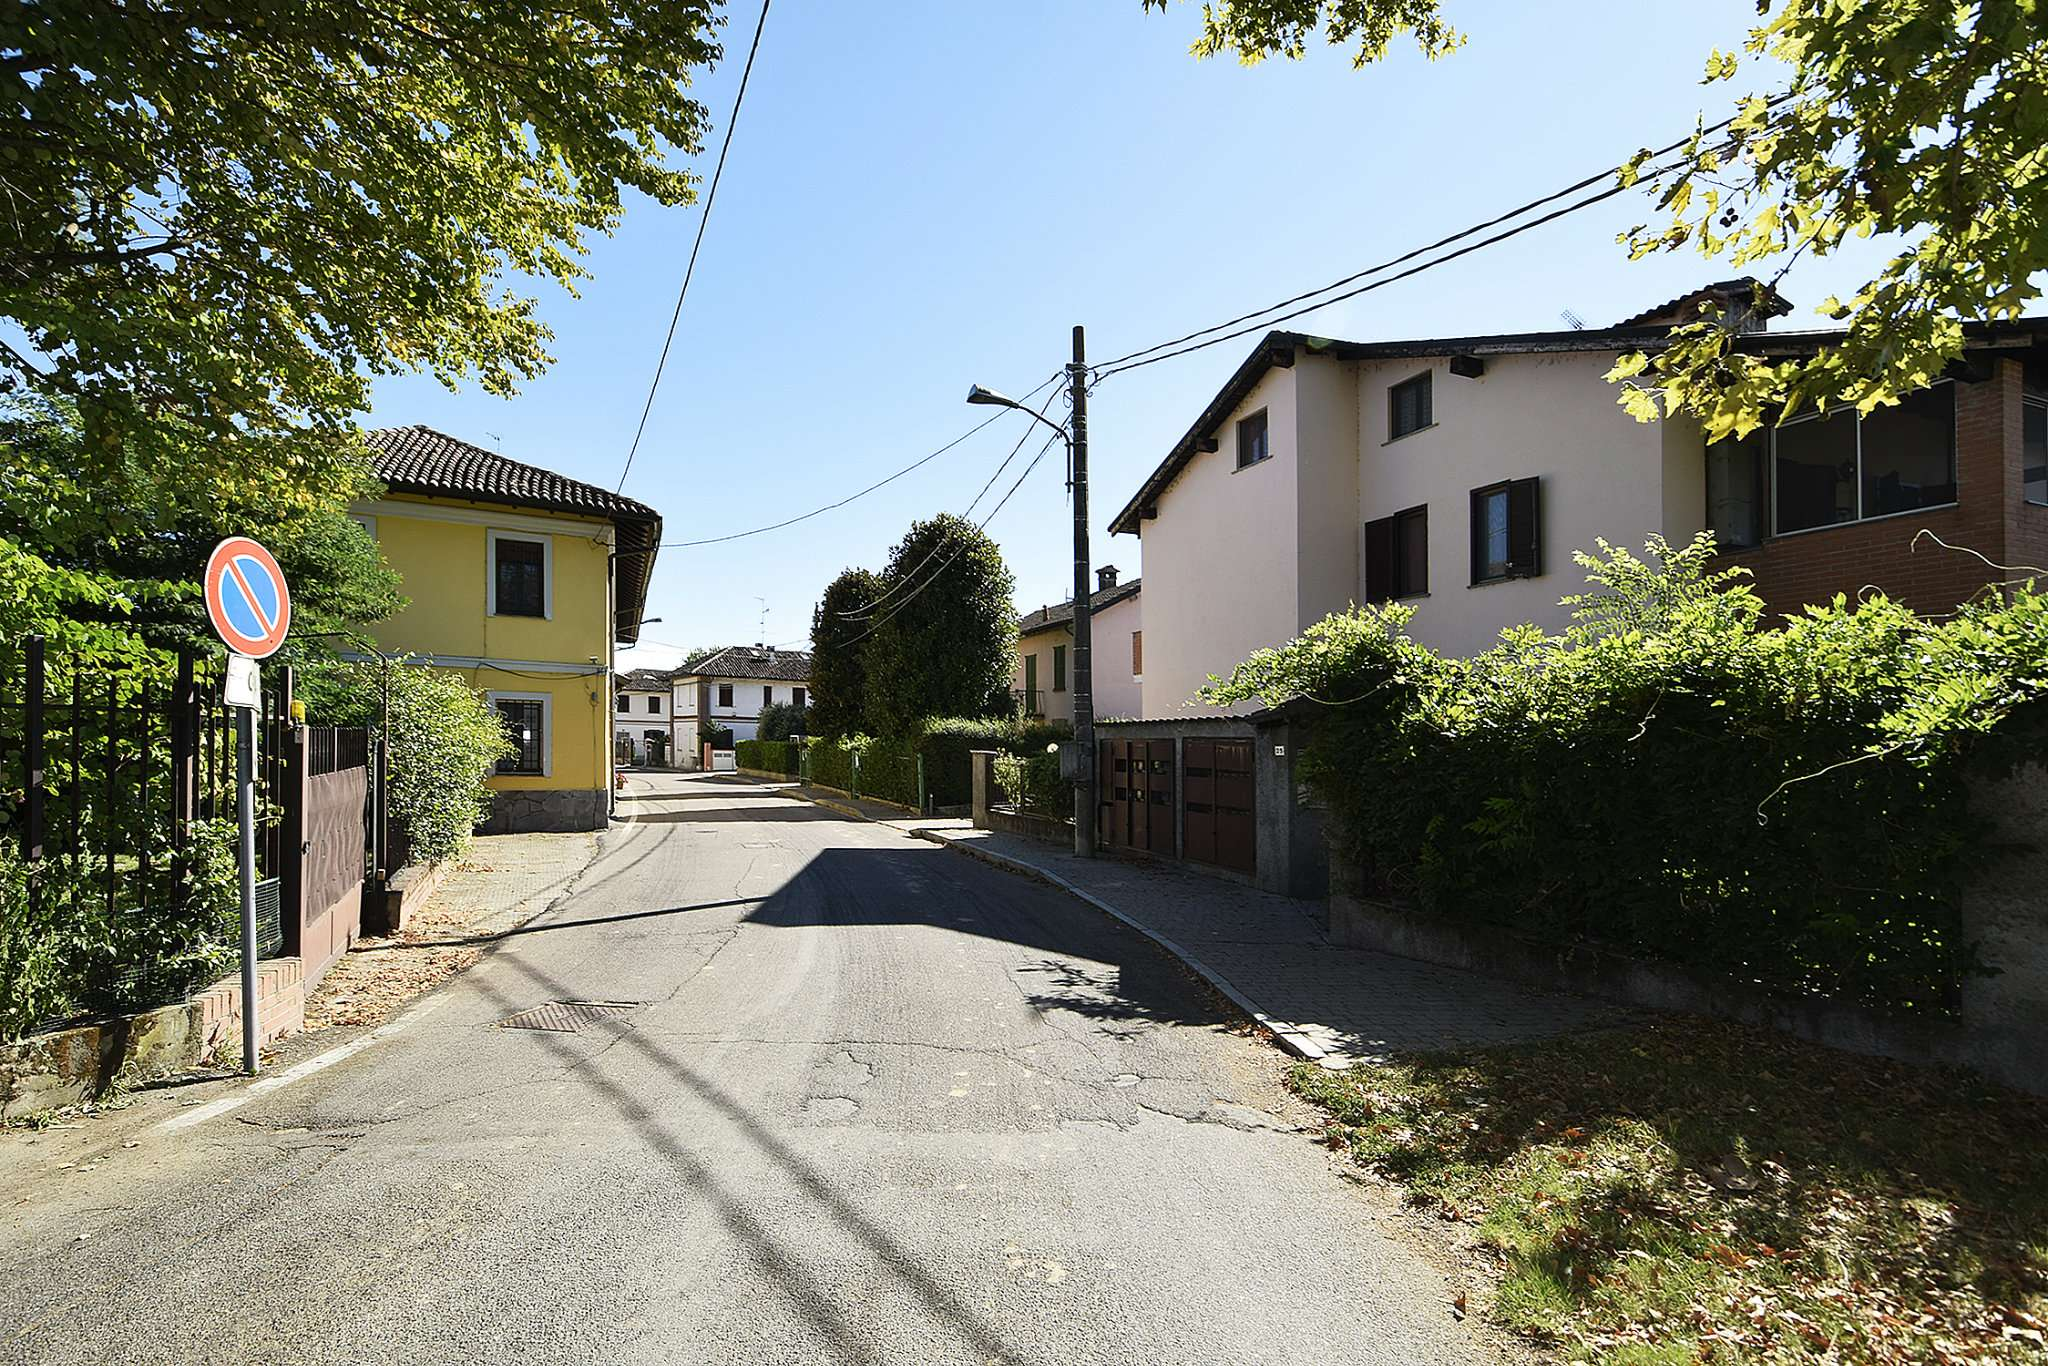 Appartamento in vendita a Rognano, 2 locali, prezzo € 98.000 | CambioCasa.it